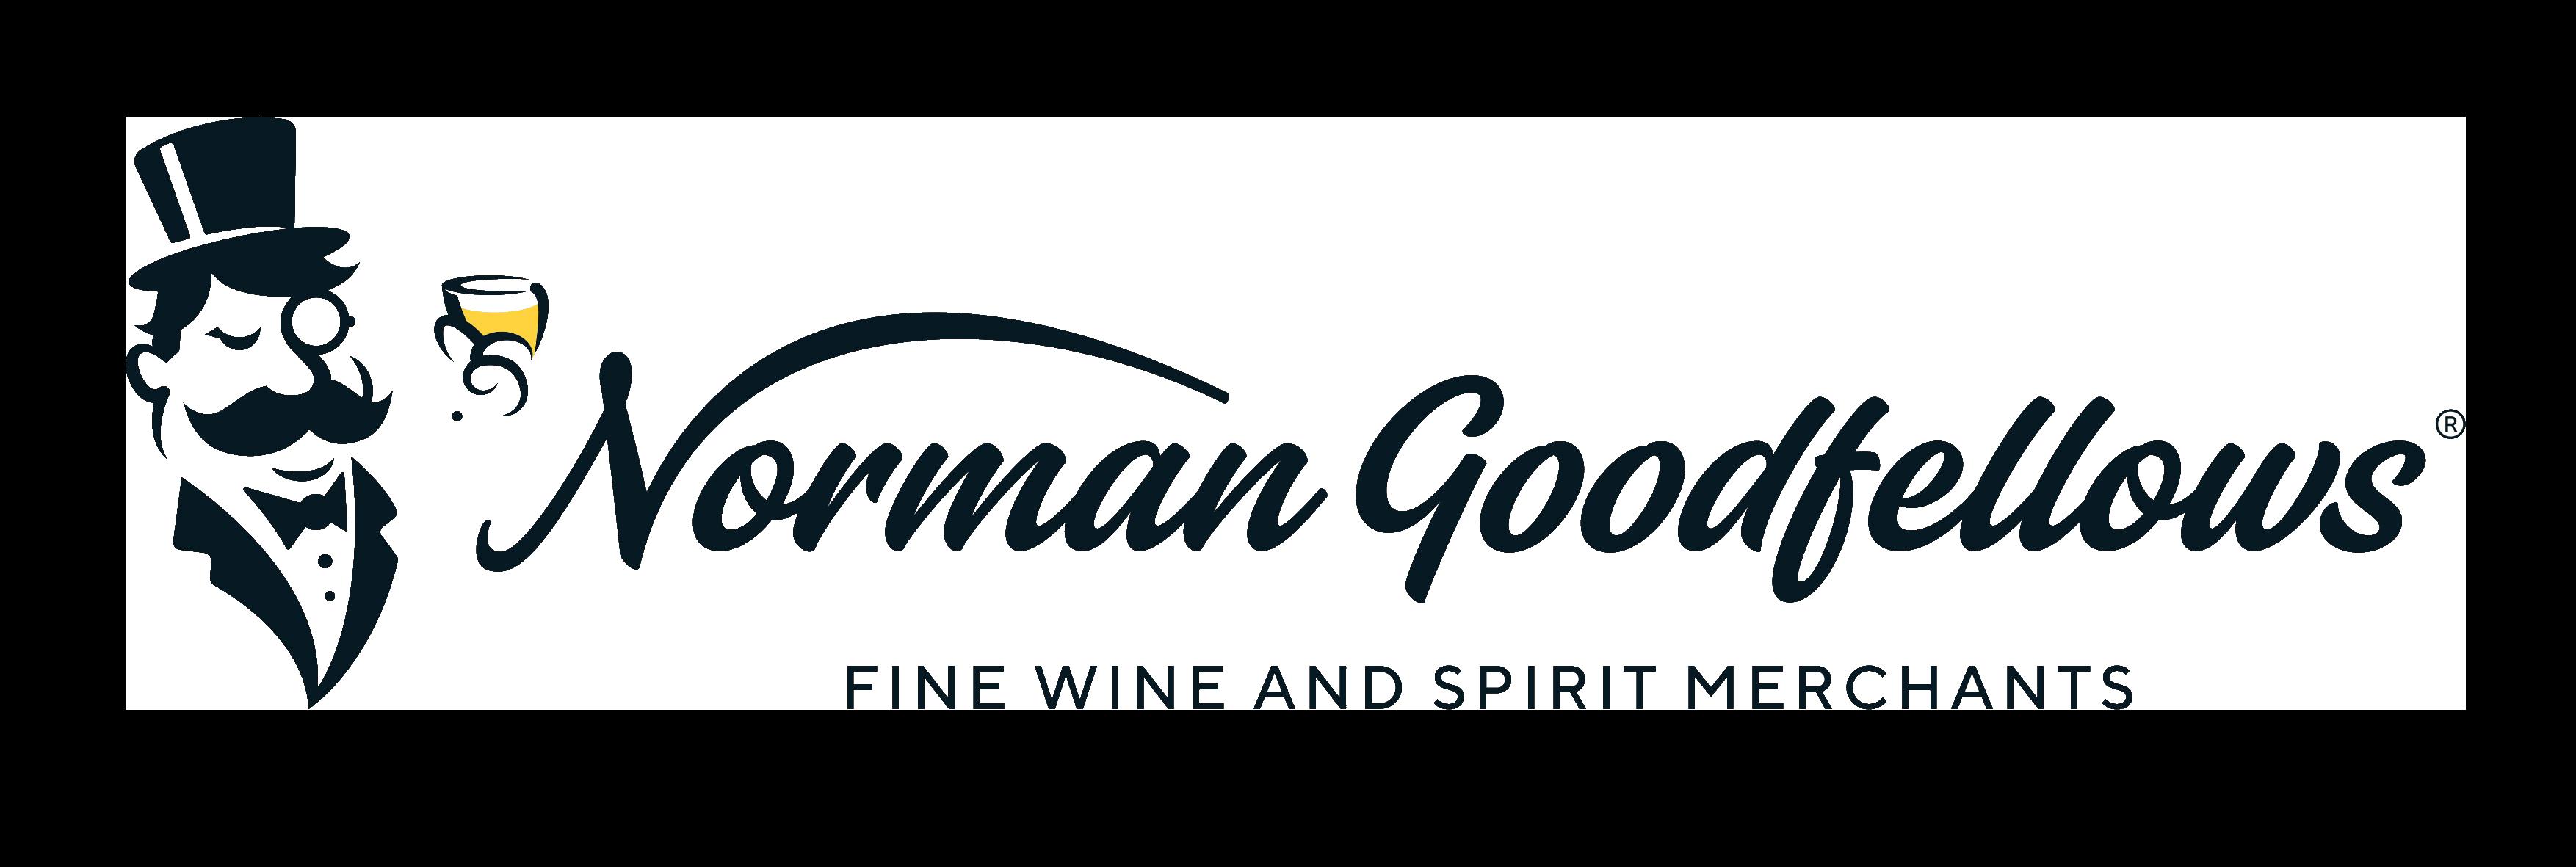 Norman Goodfellows